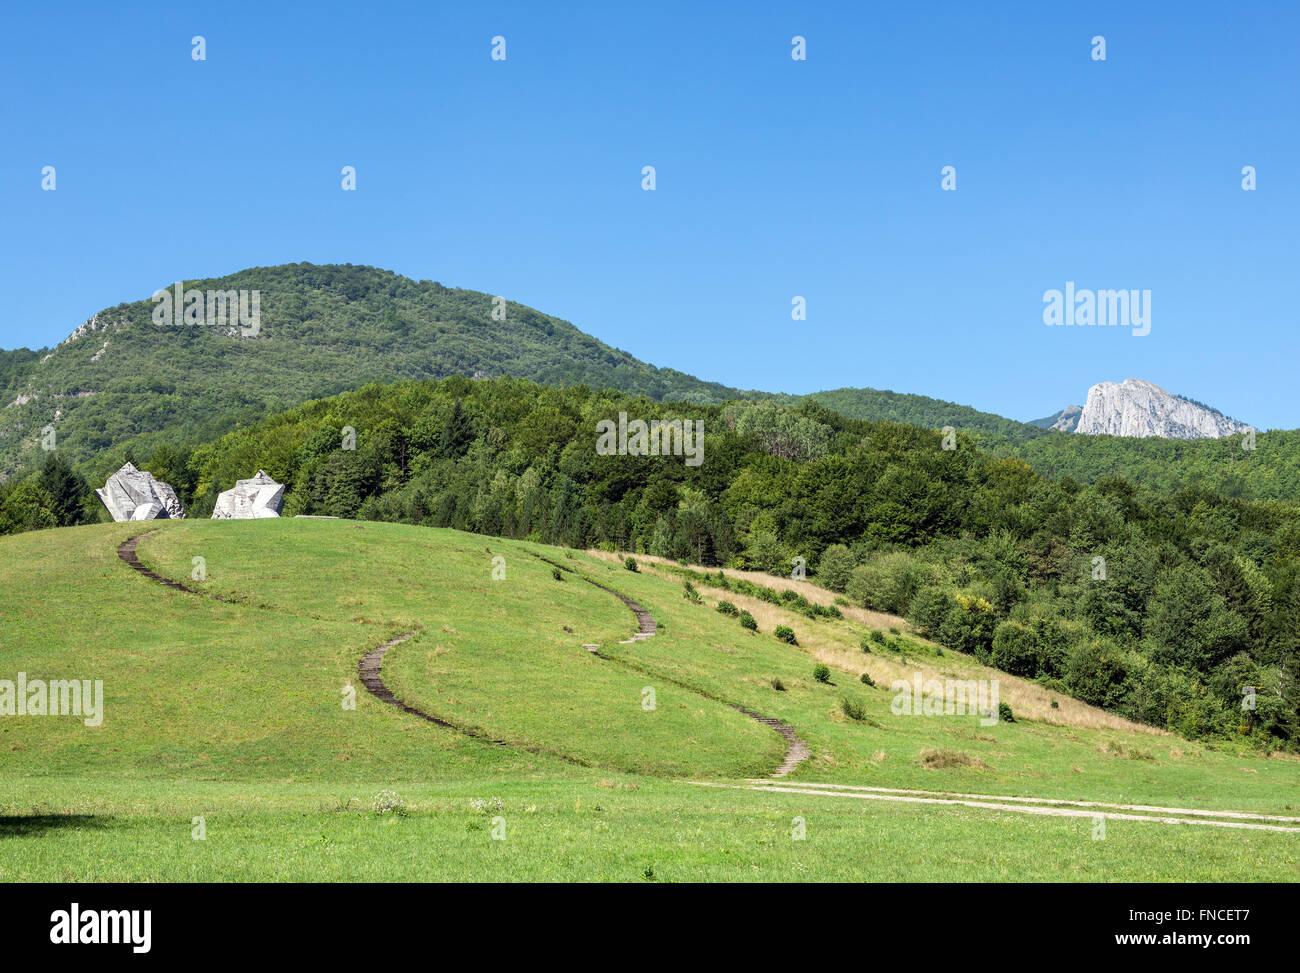 Tjentiste War Memorial in Sutjeska National Park in Republika Srpska entity, Bosnia and Herzegovina Stock Photo